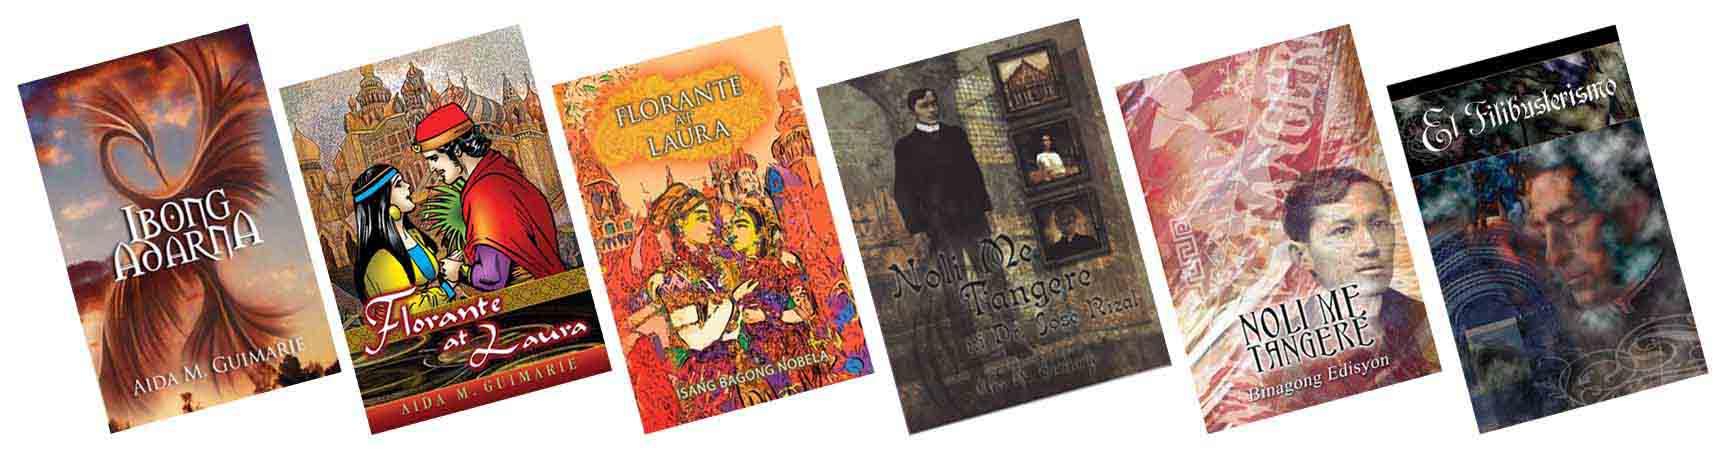 book report ng florante at laura tagalog